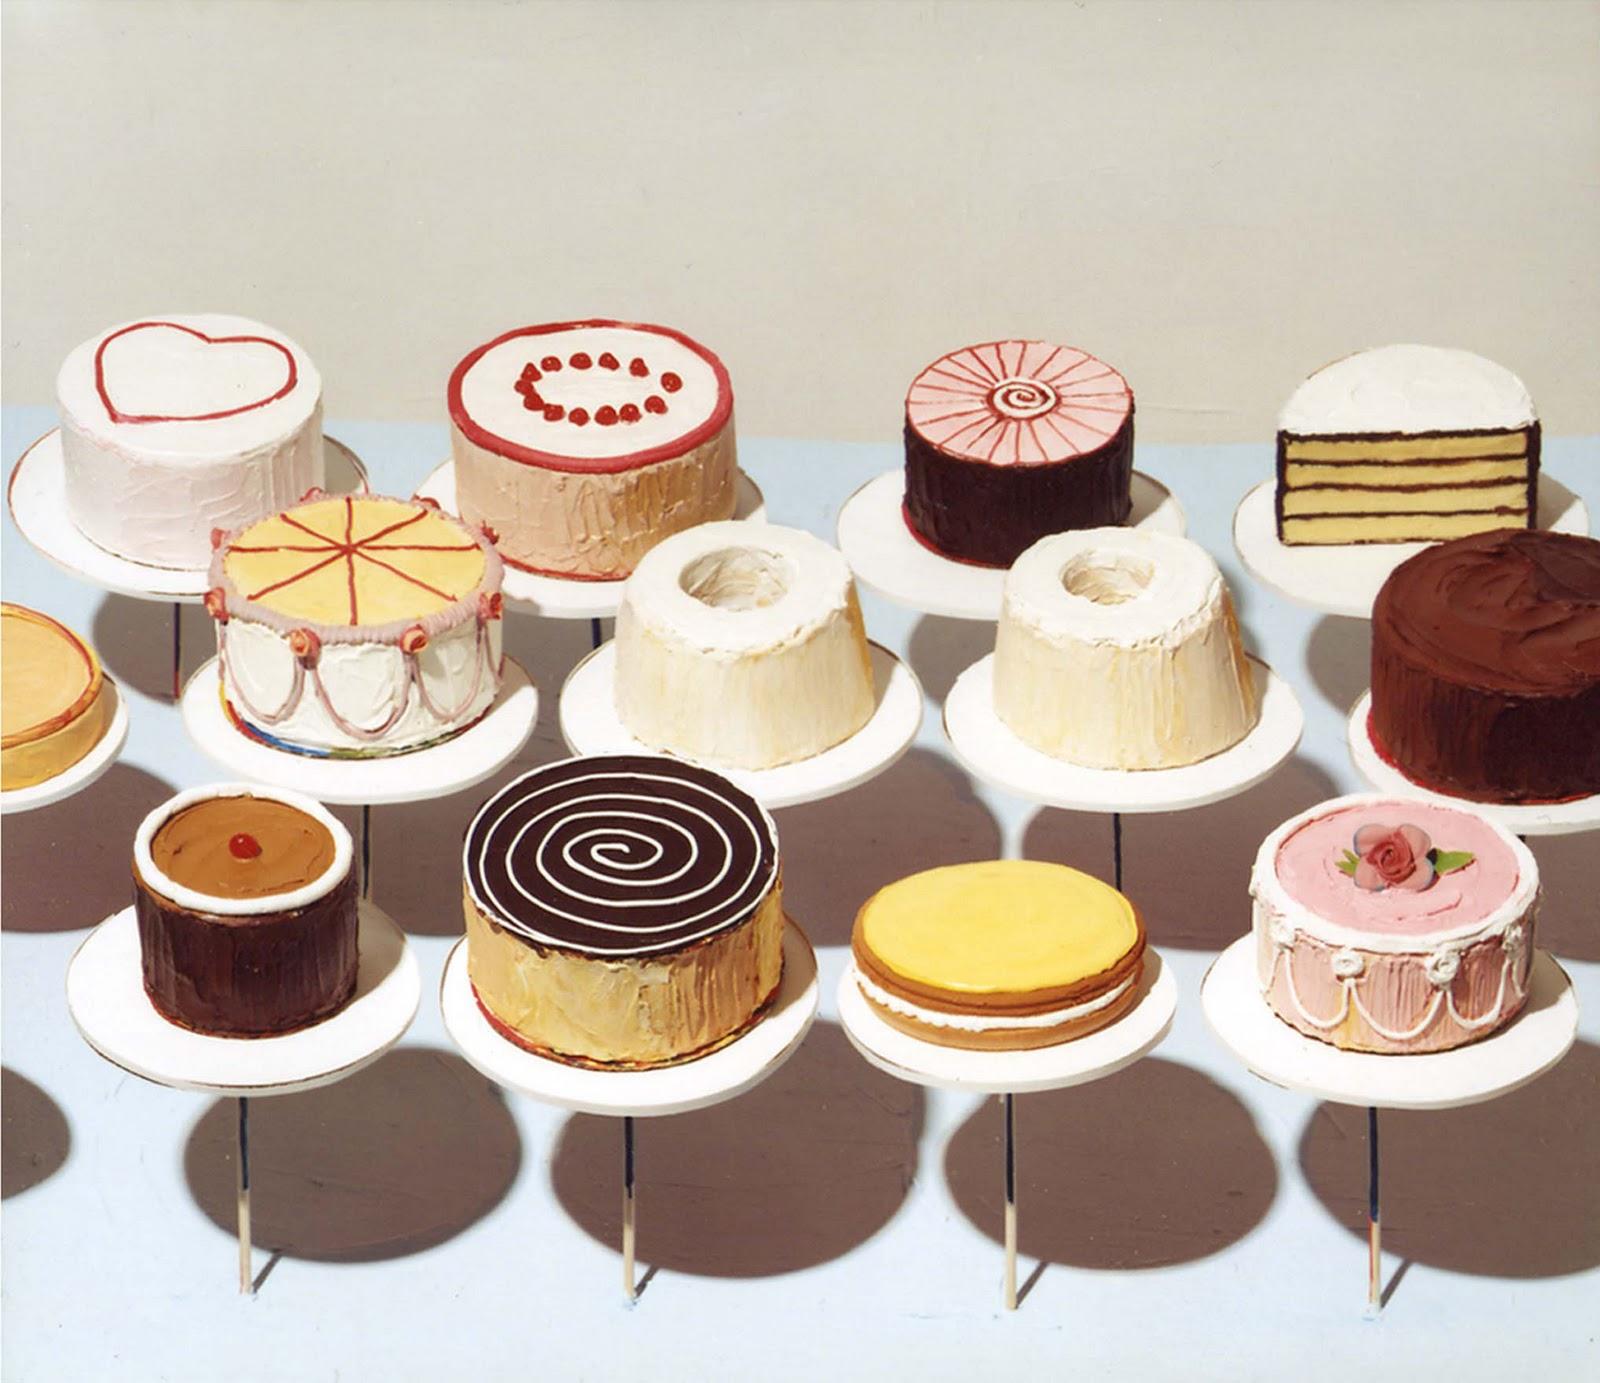 porslend Wayne Thiebaud cakes